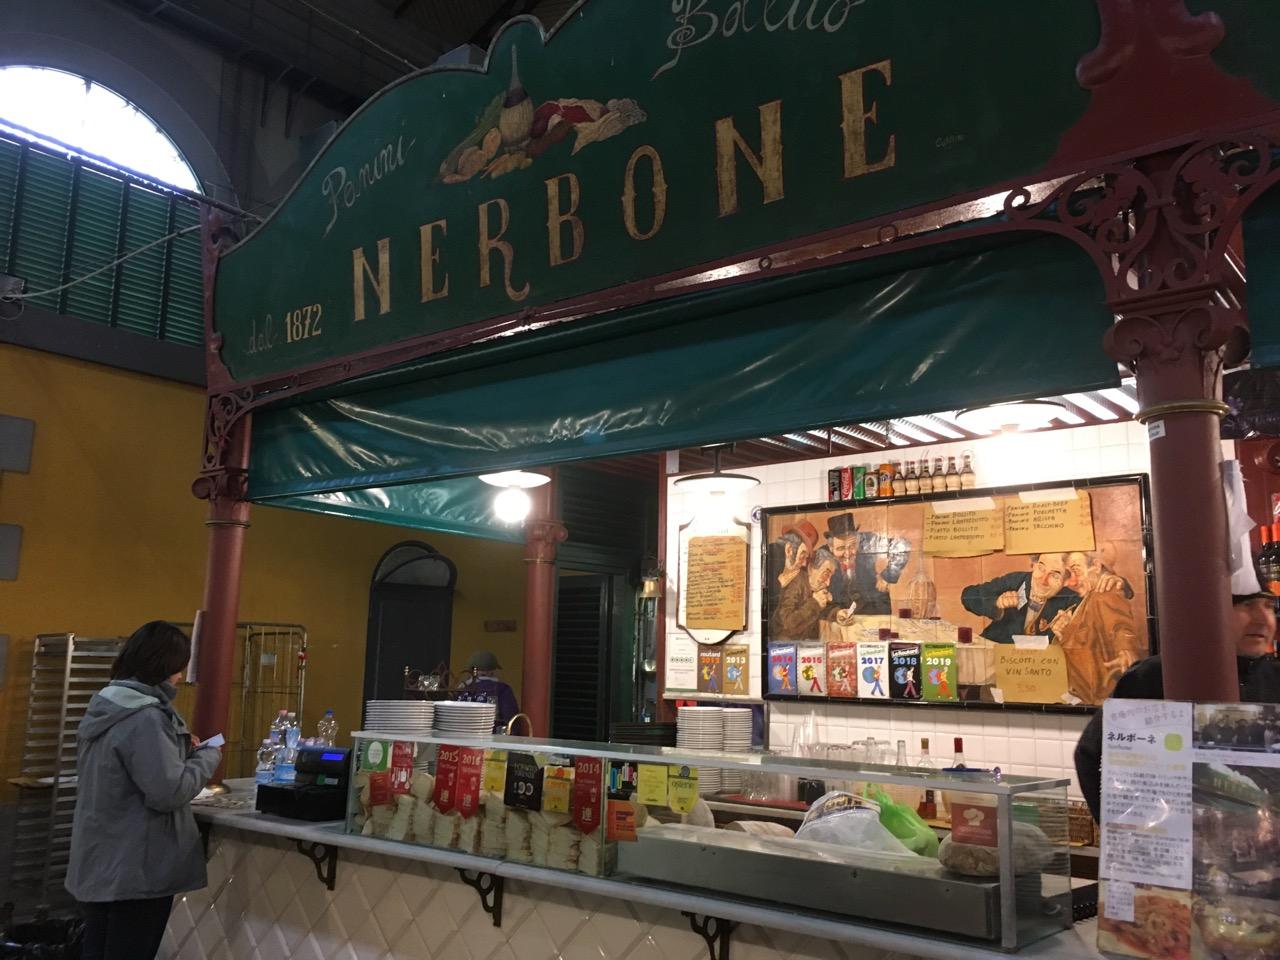 佛罗伦萨的代表小食 牛肚包 (Panino con lampredotto),推荐美食里的No.1,穷游上推荐的这家百年老店nerbone位于中央市场,只在上午营业。早上10点多到了佛,我下了火车直奔这里买了一个牛肚包当早餐